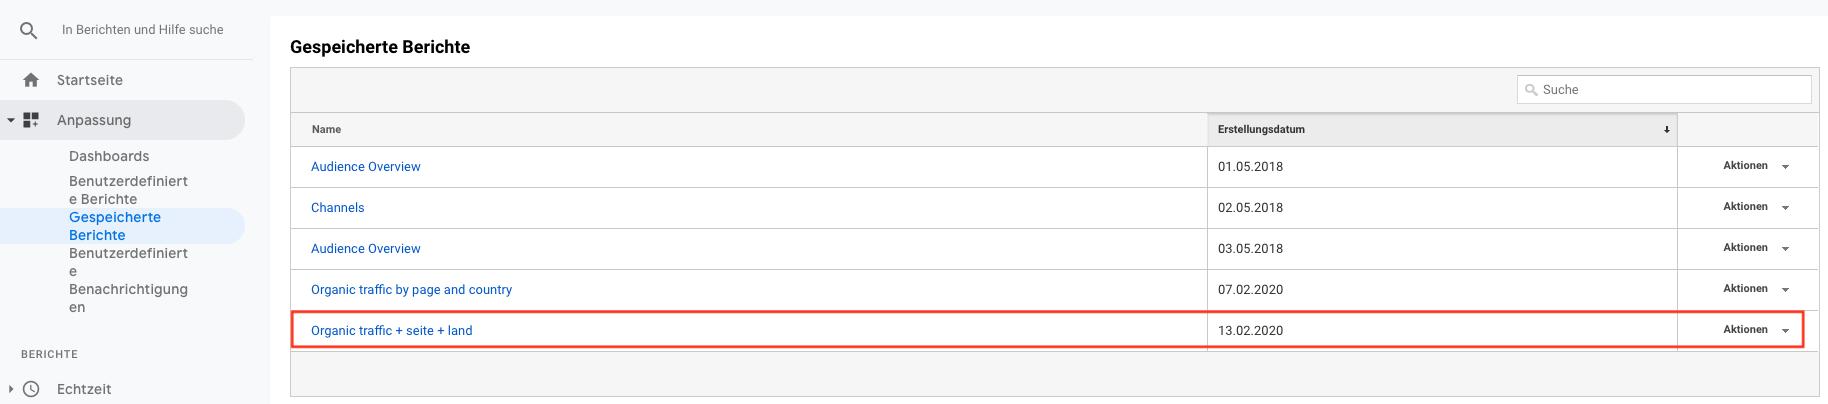 Screenshot Google Analytics: Liste der gespeicherten Berichte